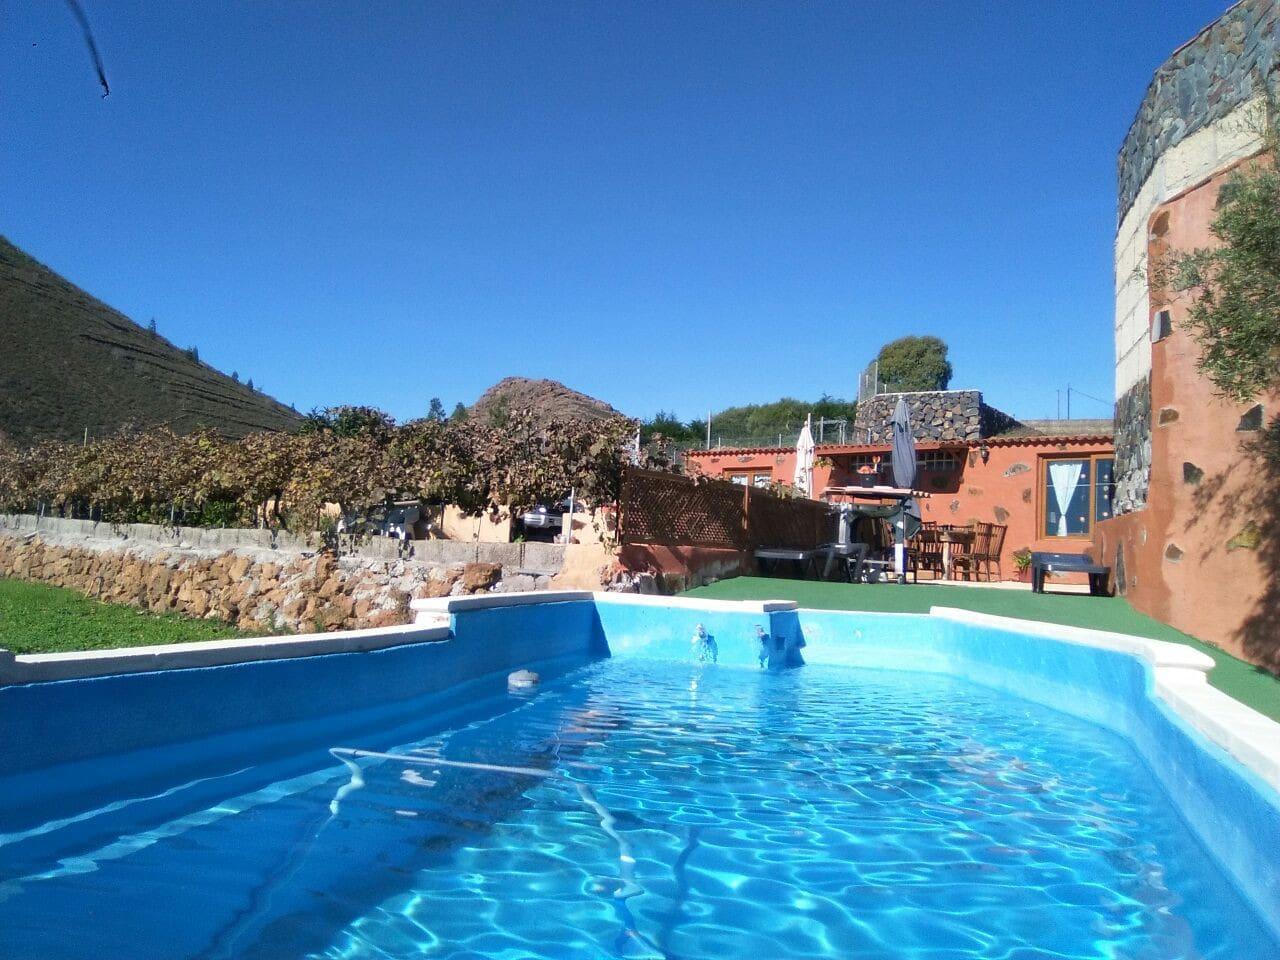 edificio principal y jardín con piscina